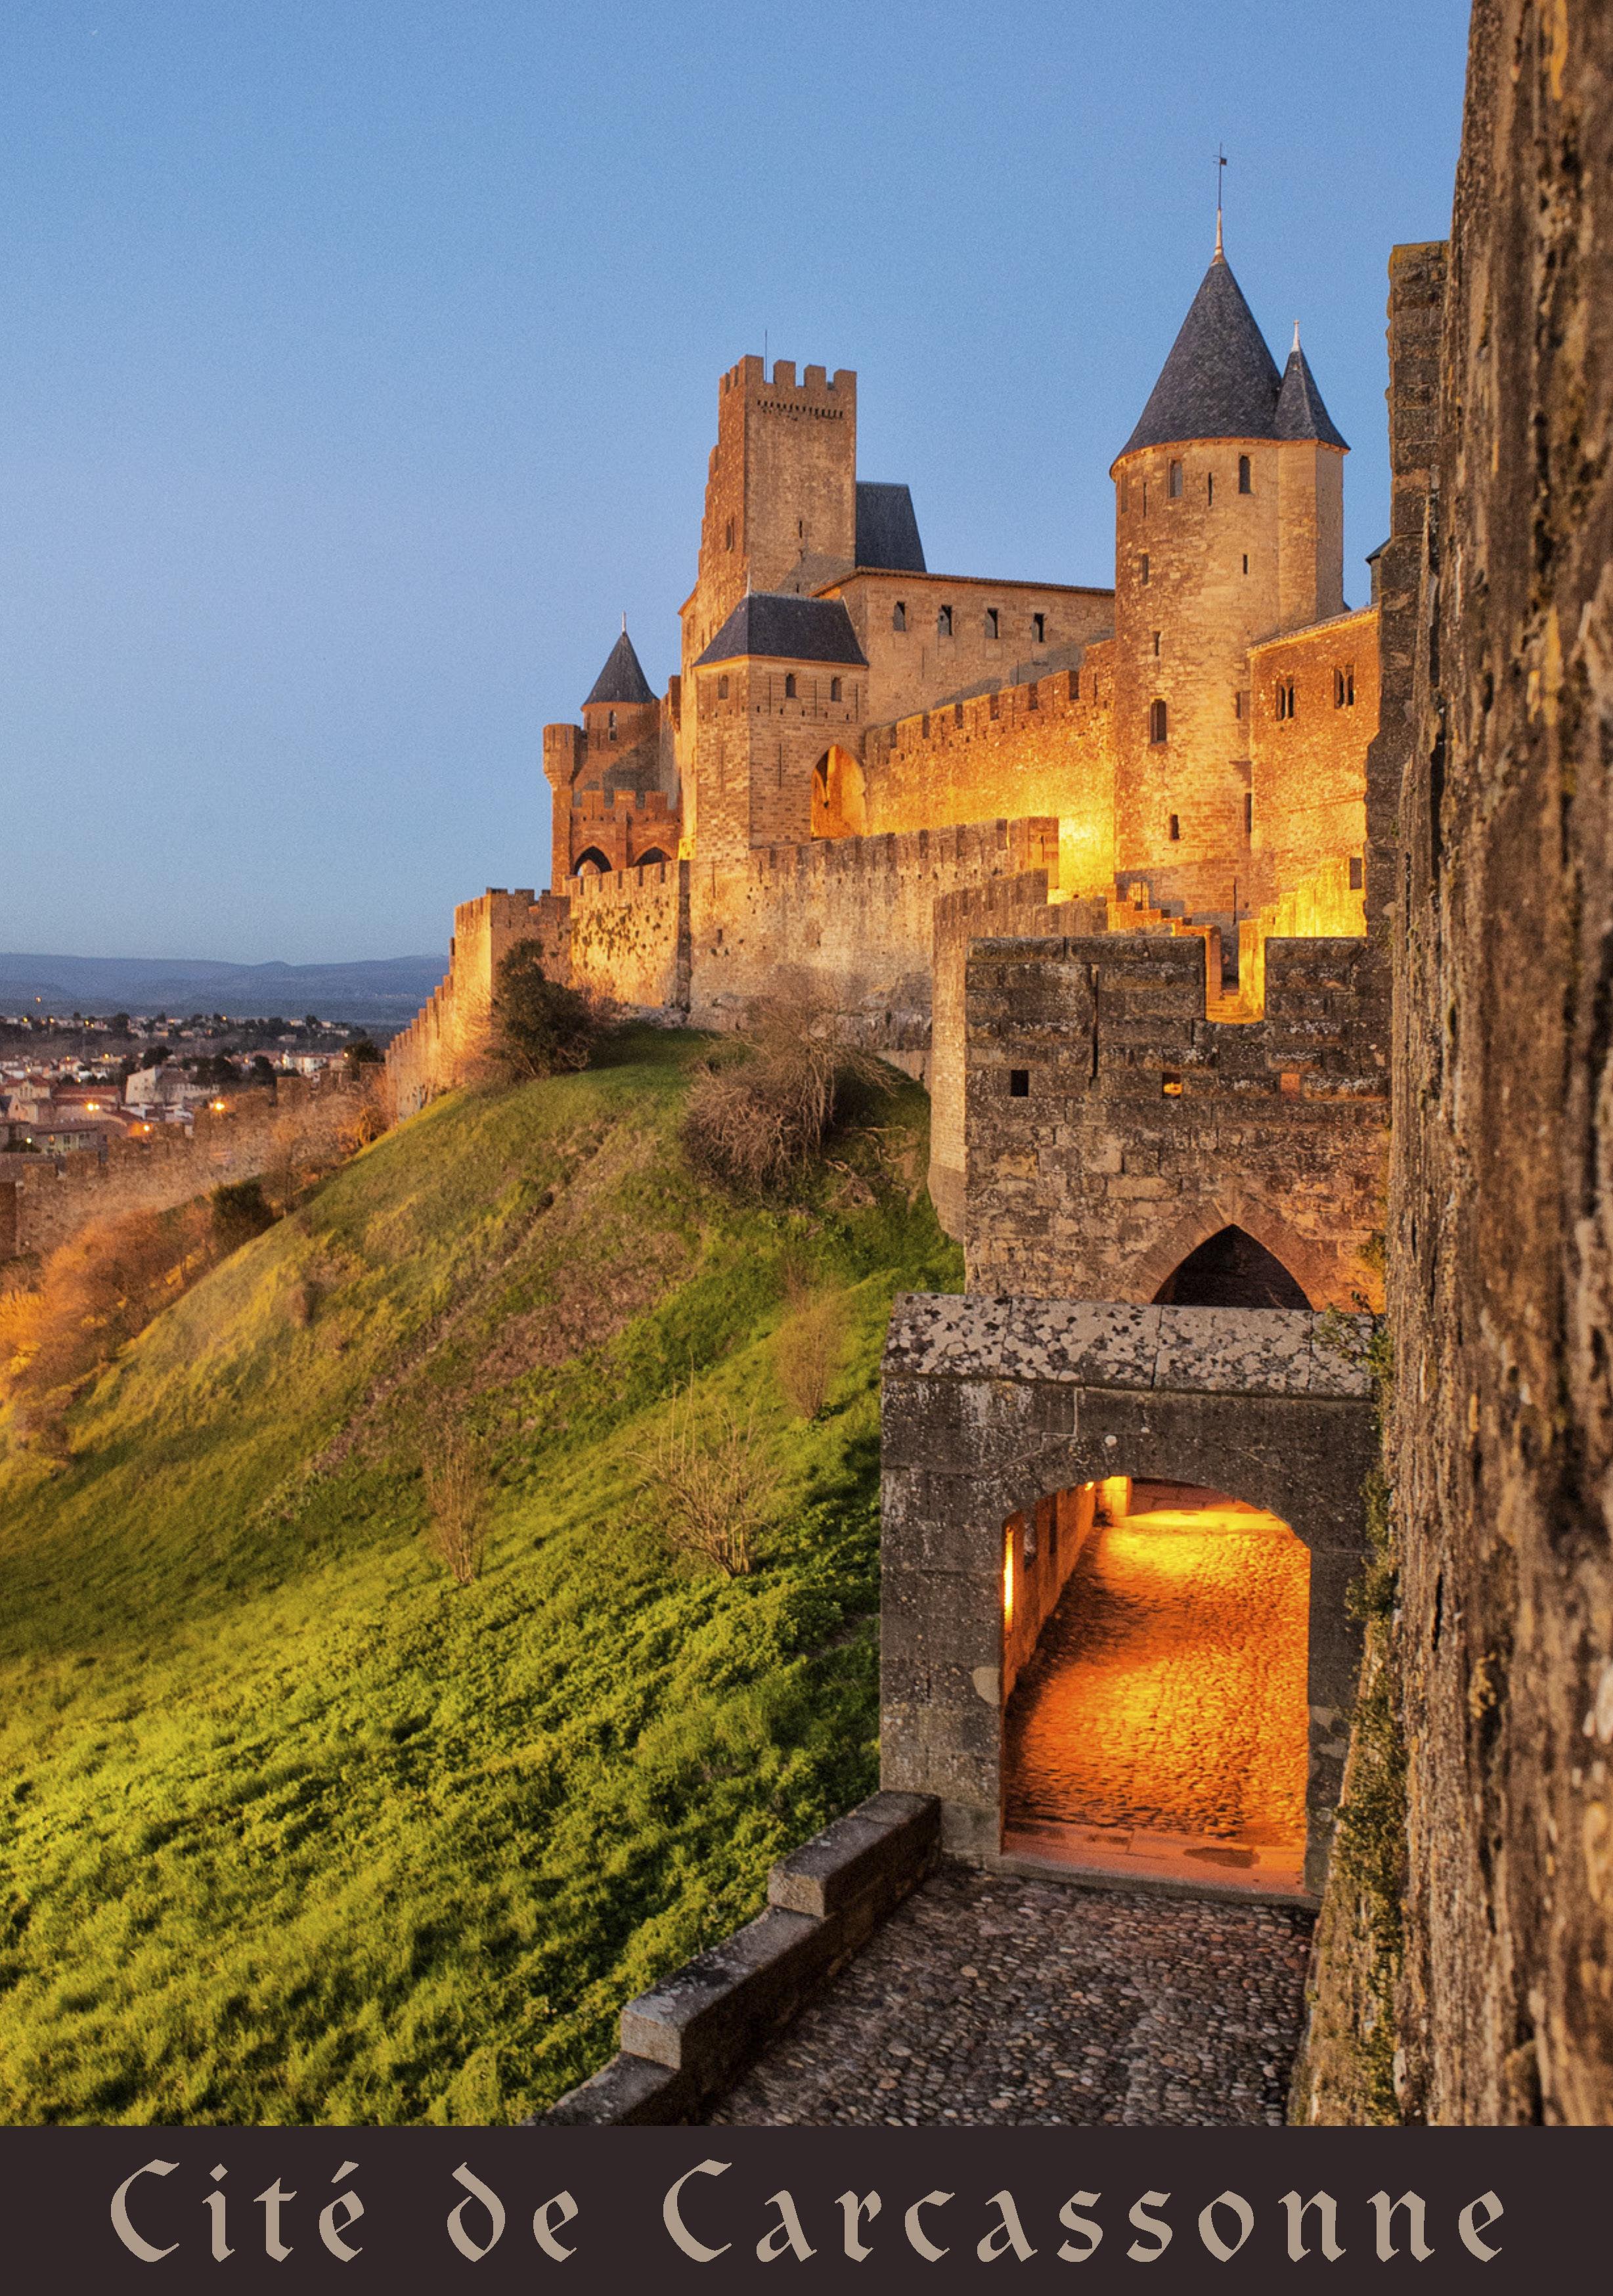 Cité-de-Carcassonne10x15-CC013